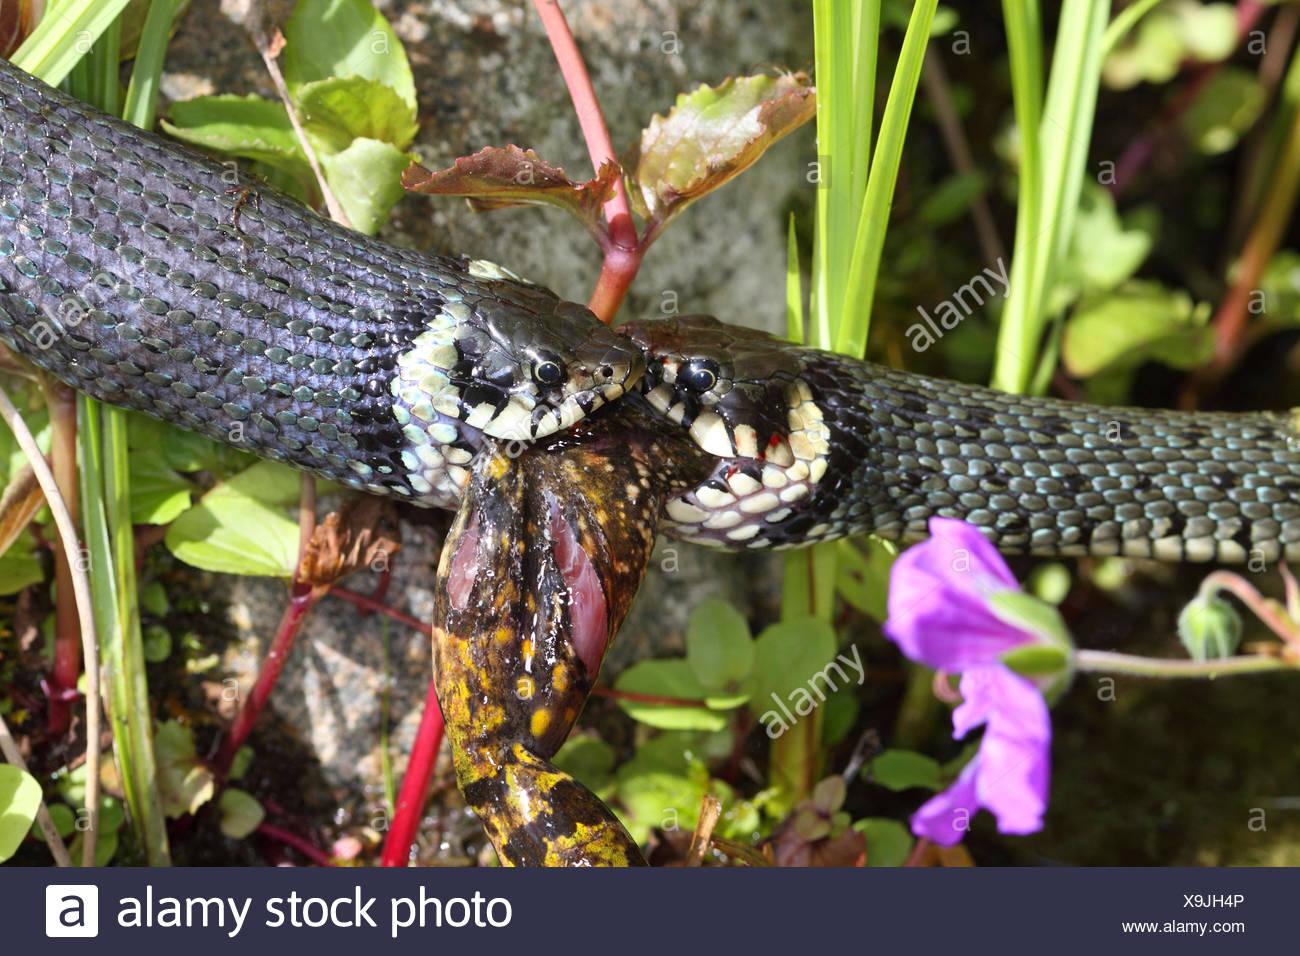 Ringelnatter (Natrix Natrix), Bilder Serie 7, zwei Schlangen kämpfen für einen Frosch, Deutschland, Mecklenburg-Vorpommern Stockbild